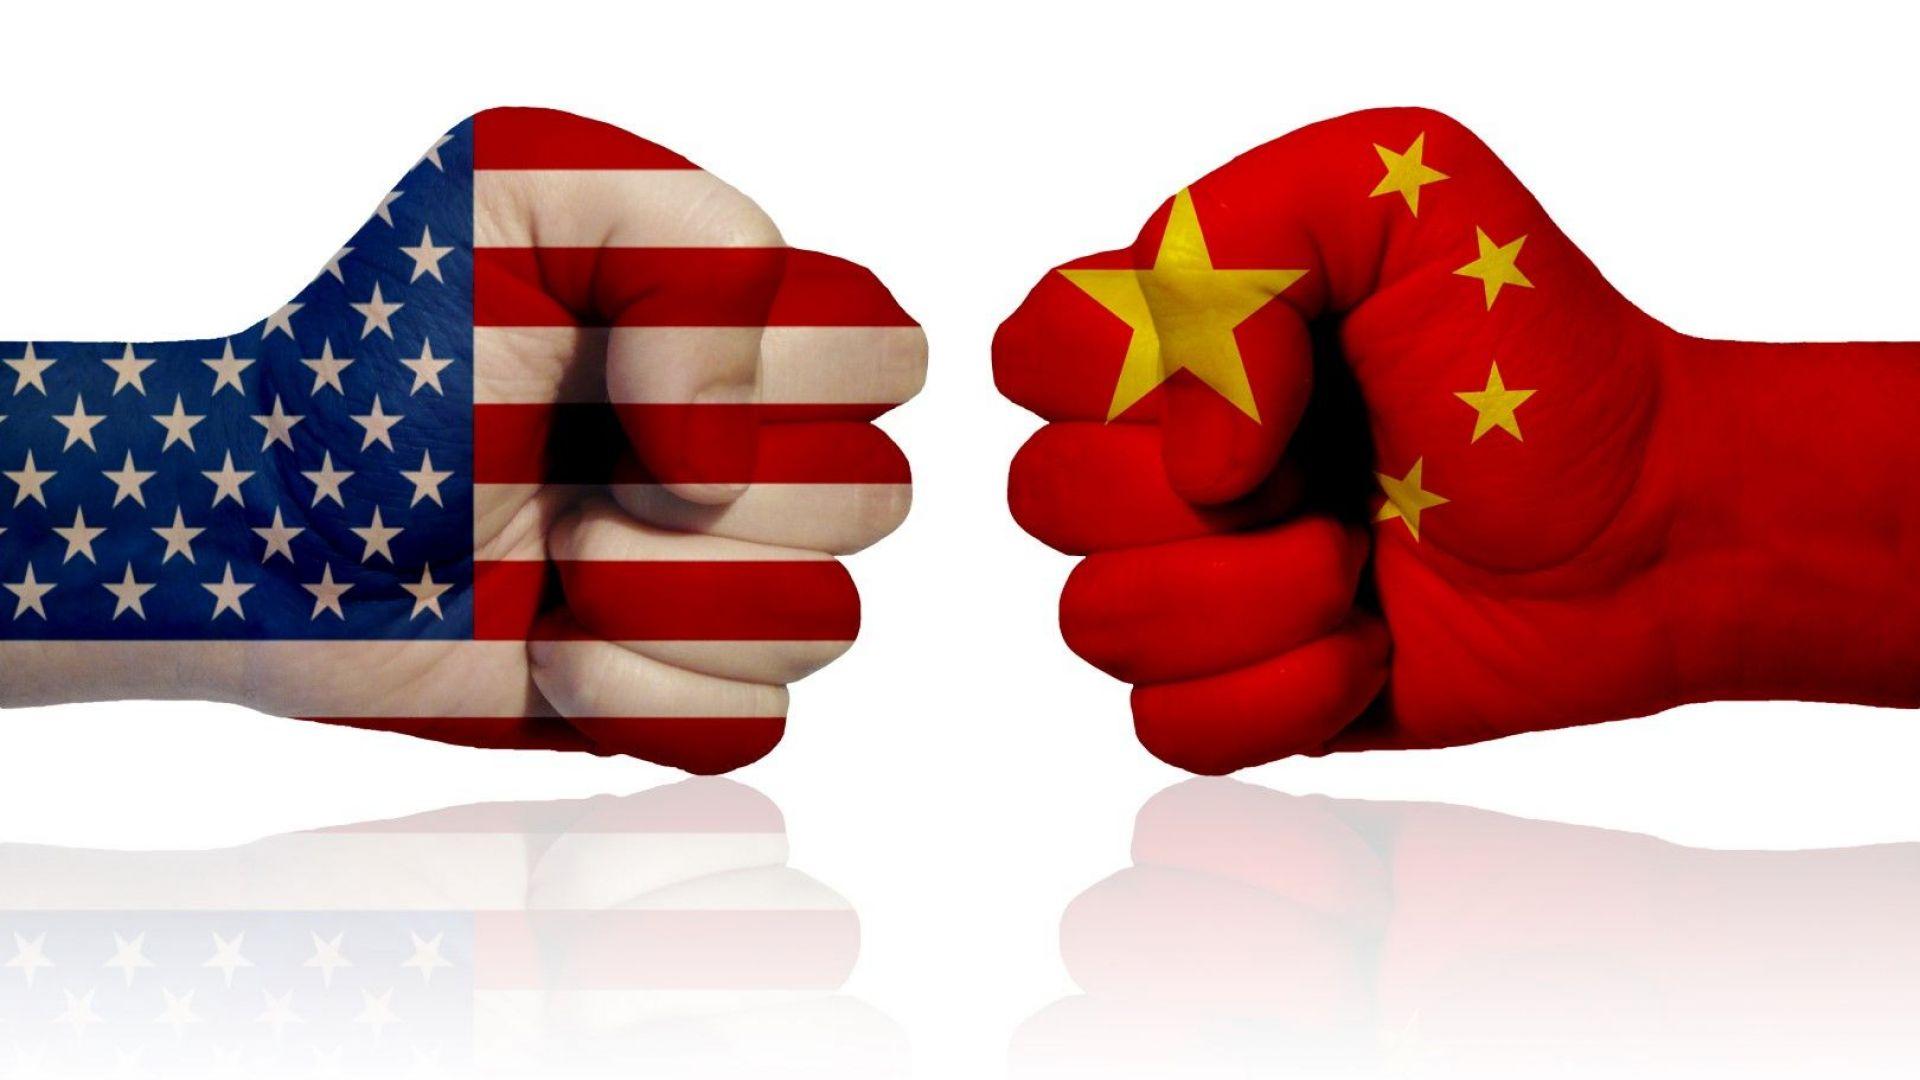 САЩ и Китай проведоха първия си търговски разговор, откакто Байдън е на власт